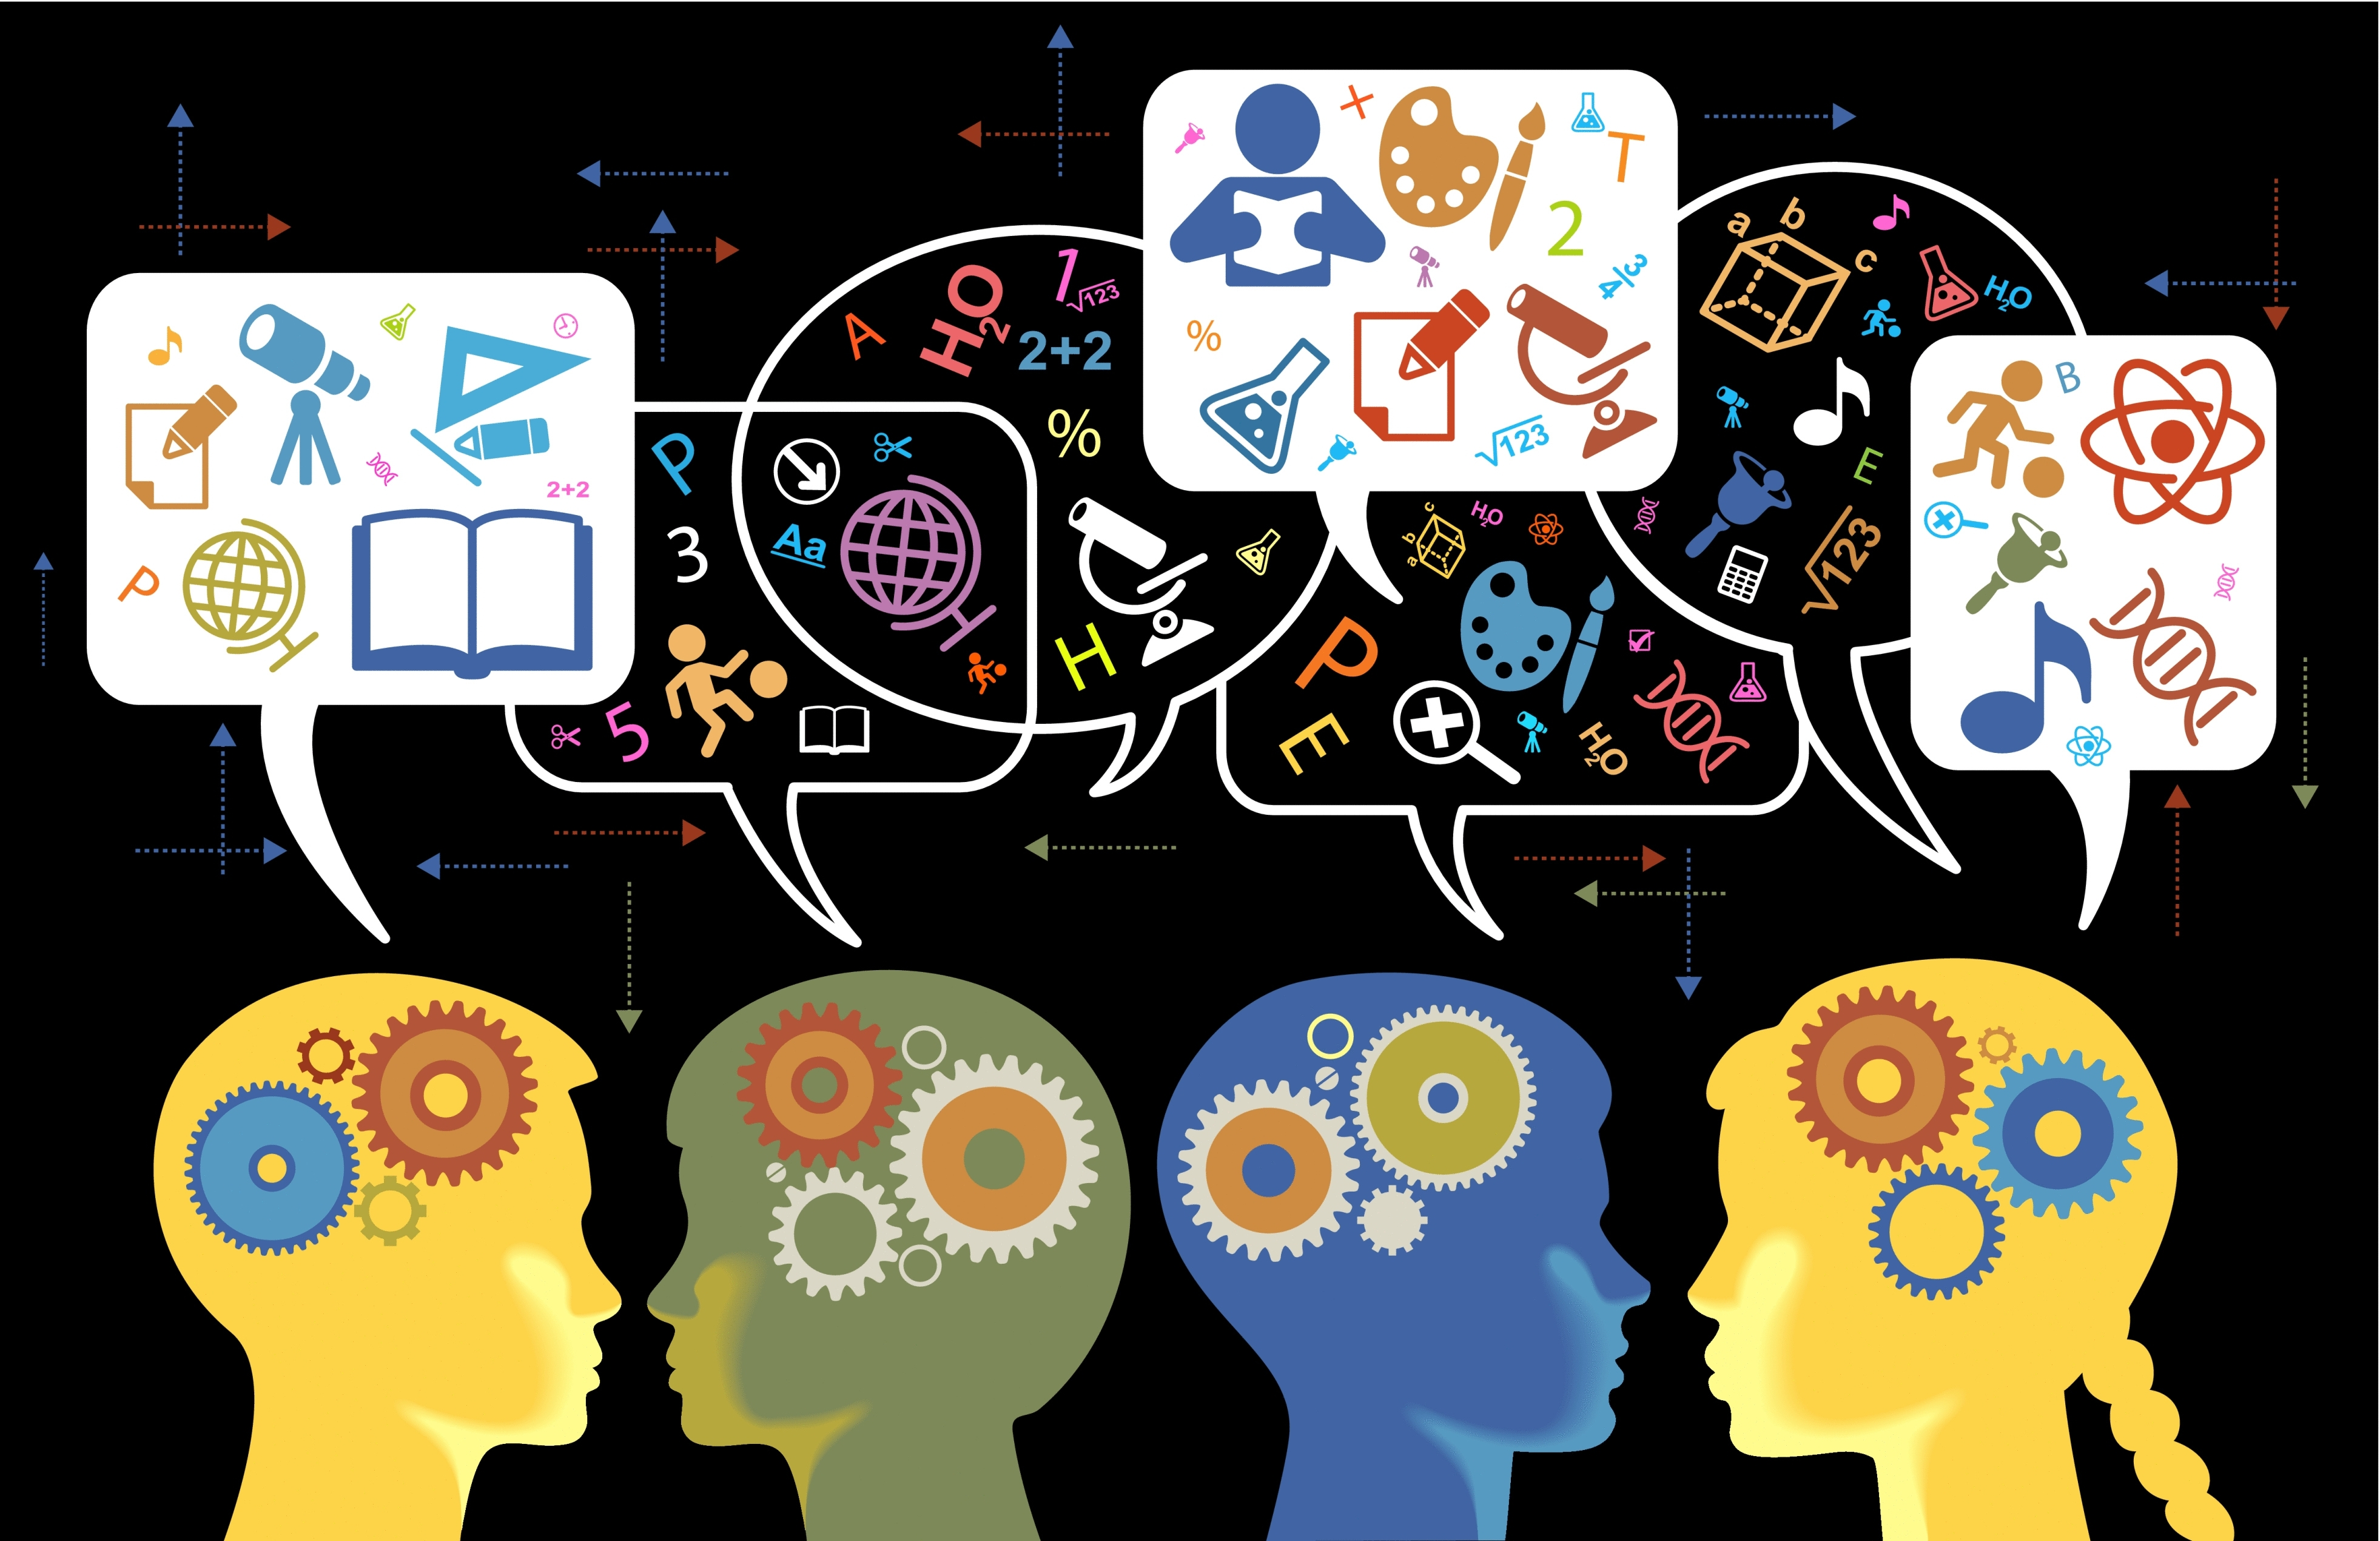 انجام پایان نامه علوم ارتباطات سیاسی پزشکی انسانی دامی پایه ارشد علوم تربیتی اجتماعی قرآن و حدیث